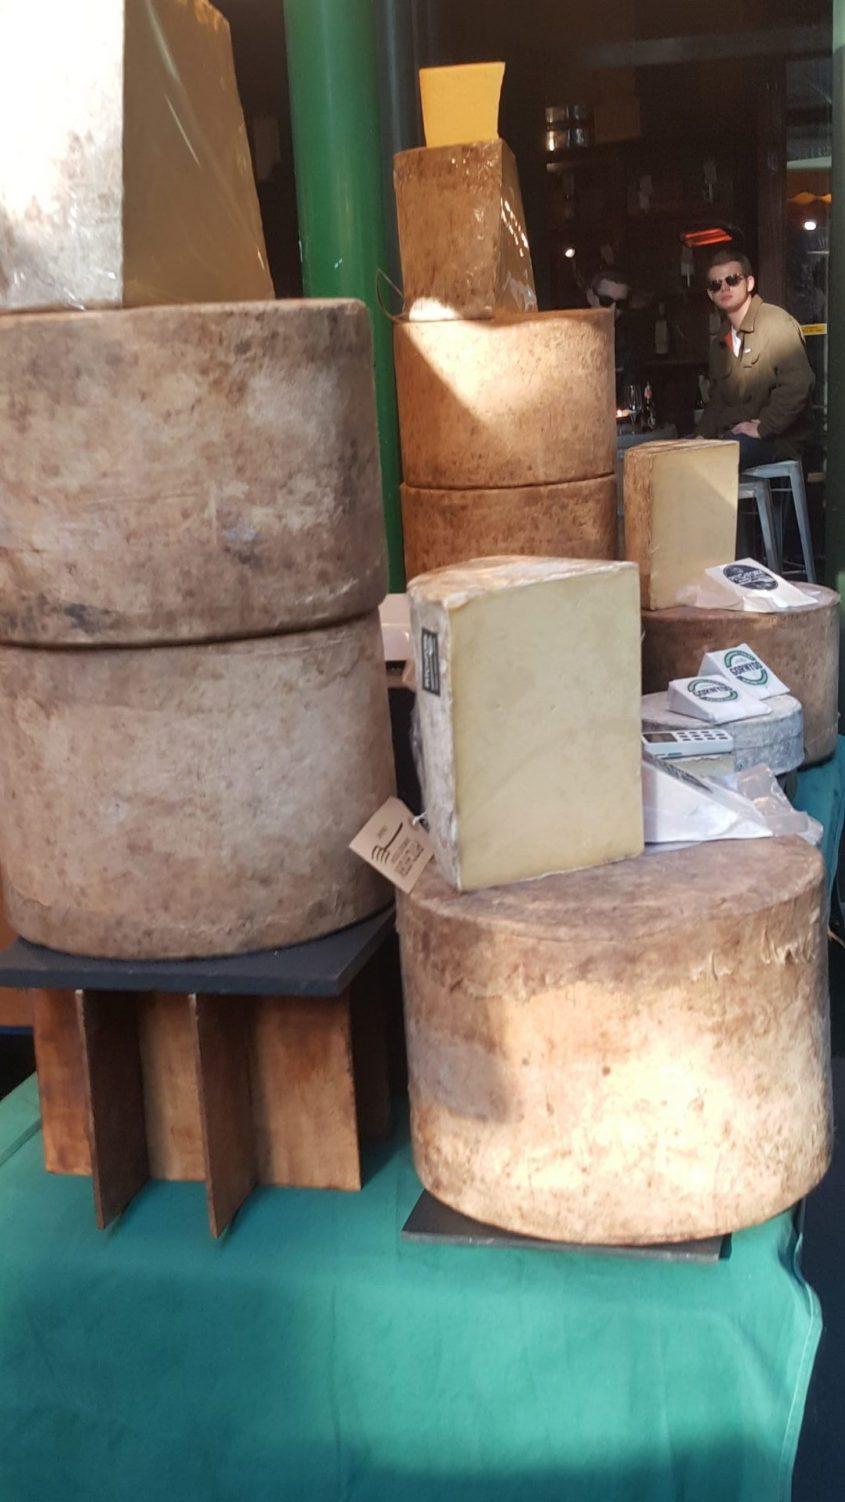 חריצי גבינה במשקל עצום. צילום: מיקי סוויסה